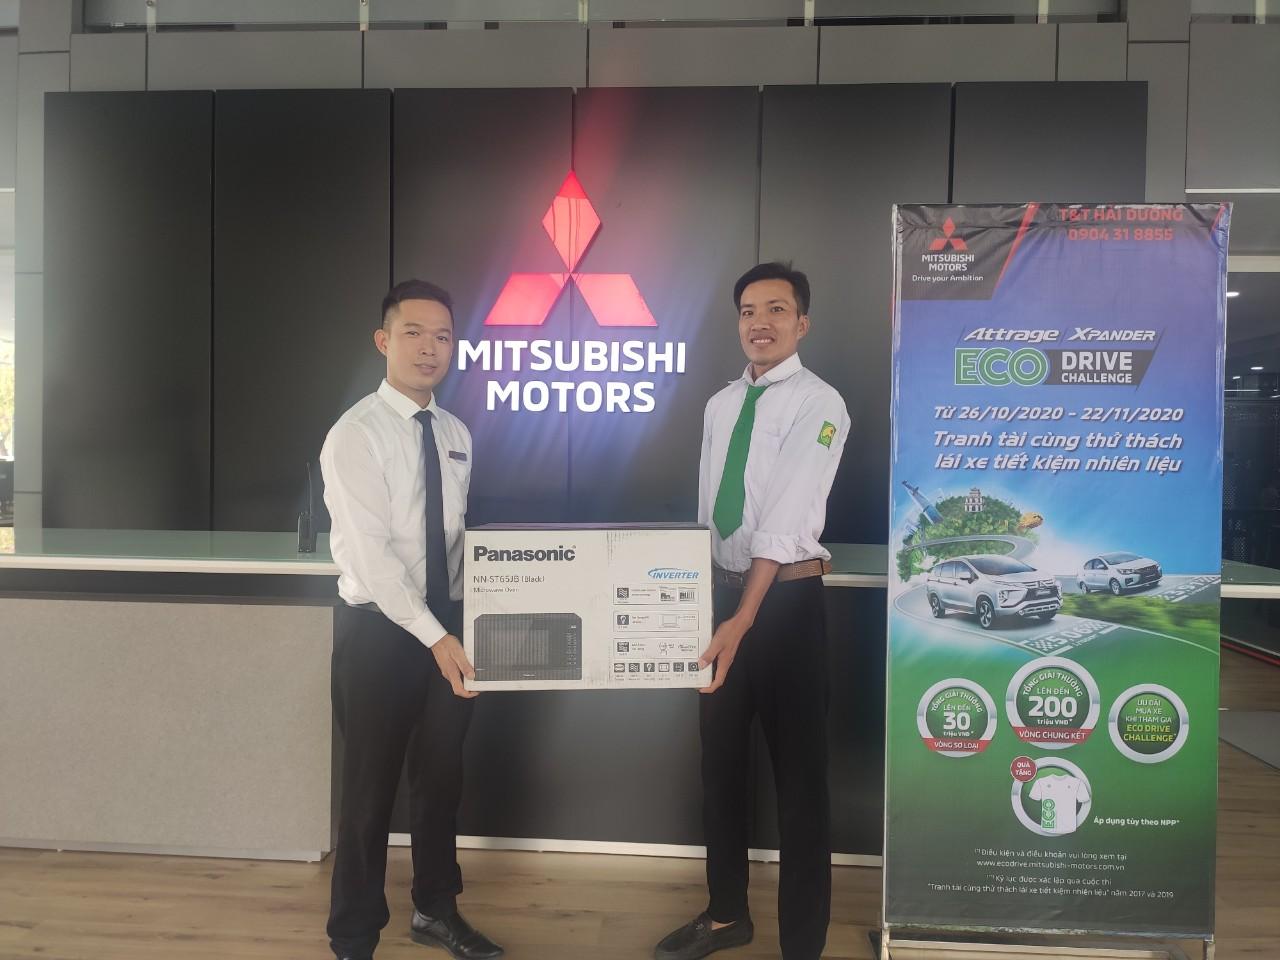 CÔNG BỐ KẾT QUẢ THỬ THÁCH TIẾT KIỆM NHIÊN LIỆU – ECO DRIVE CHALLENGE 2020 CÙNG MITSUBISHI XPANDER & MITSUBISHI ATTRAGE ĐỢT 02